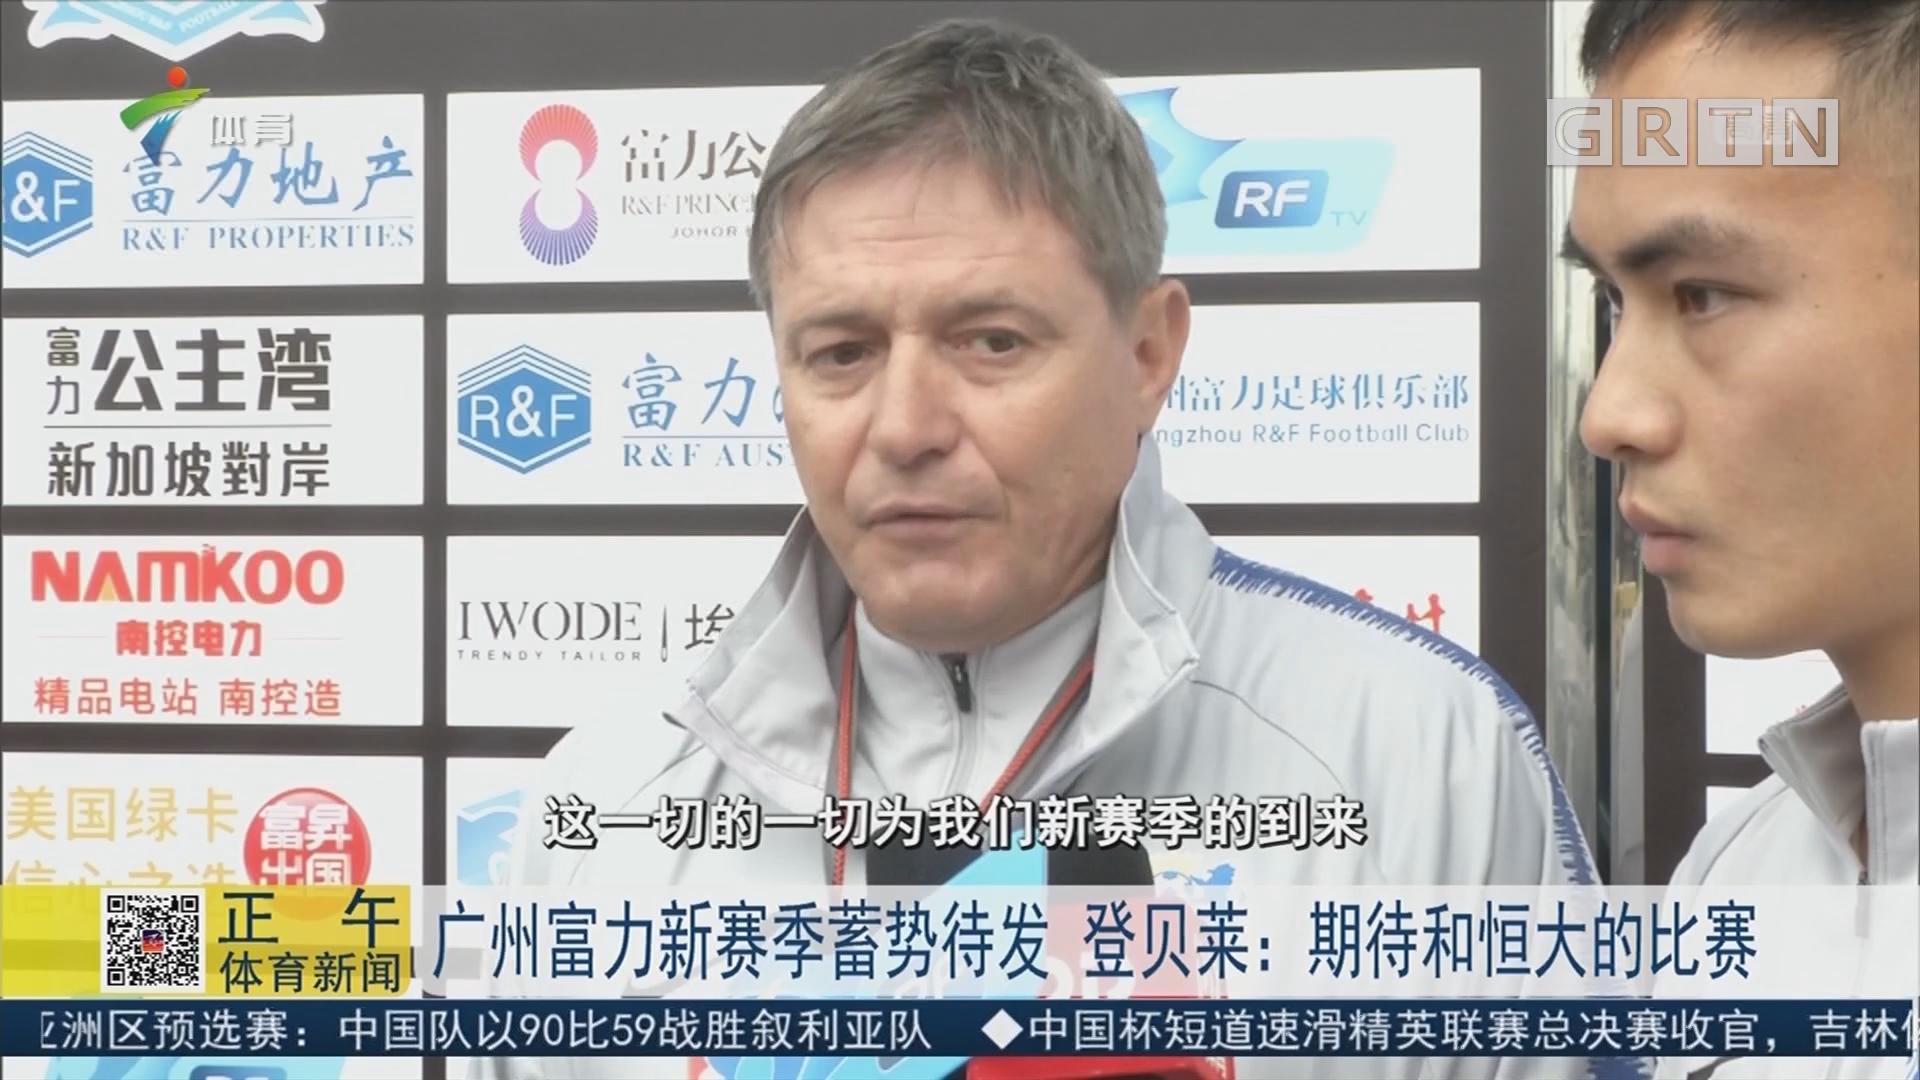 广州富力新赛季蓄势待发 登贝莱:期待和恒大的比赛